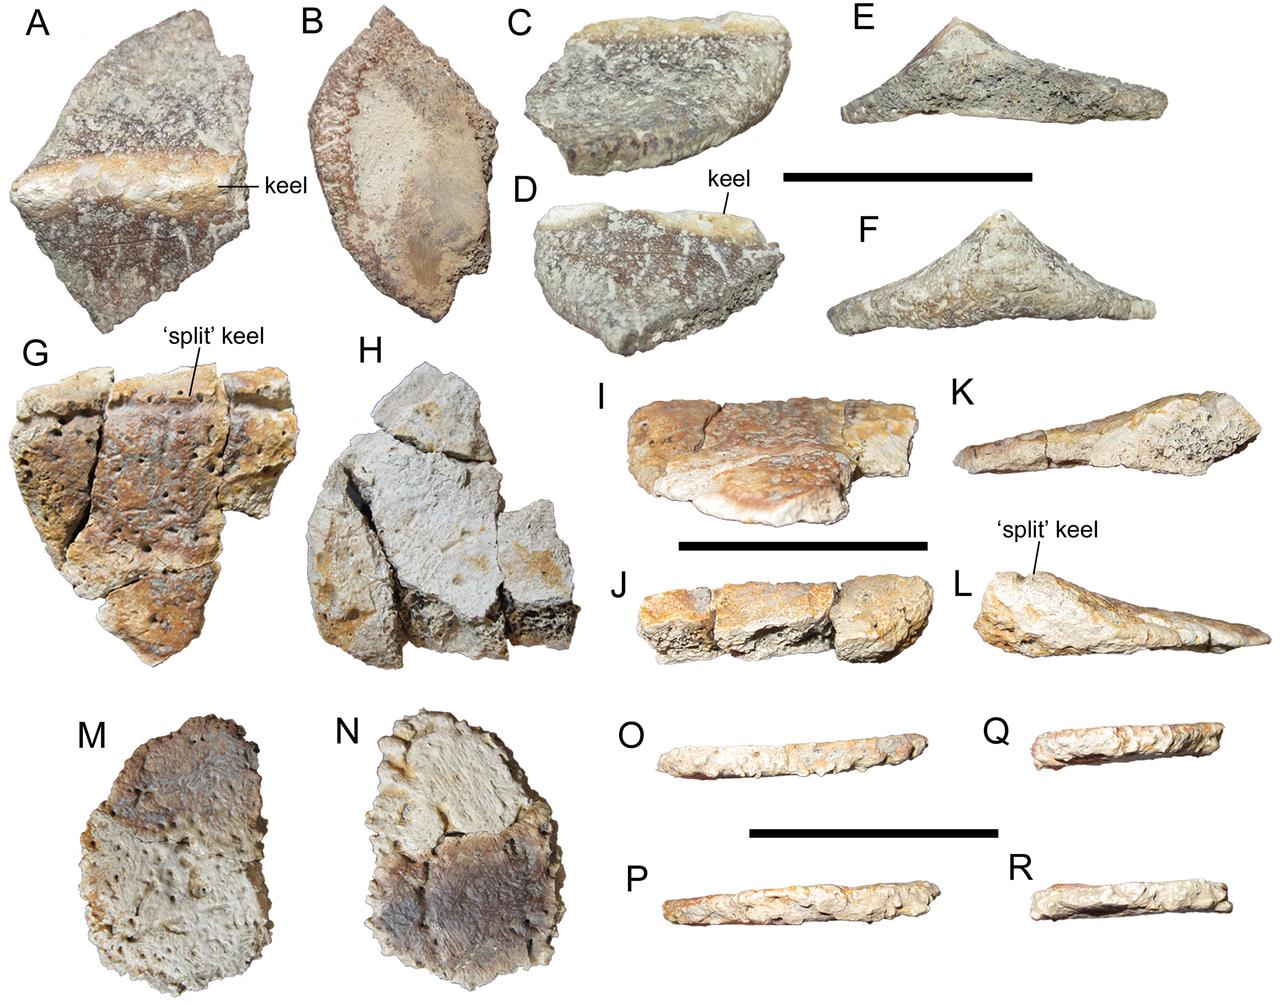 Osteodermy (zkostnatělé kožní destičky) představující pancíř nodosaurida druhu Invictarx zephyri. Právě pro tyto obrněné dinosaury představoval největší nebezpečí tyranosaurid Dynamoterror dynastes, žijící ve stejných ekosystémech. Kredit: Andrew T.